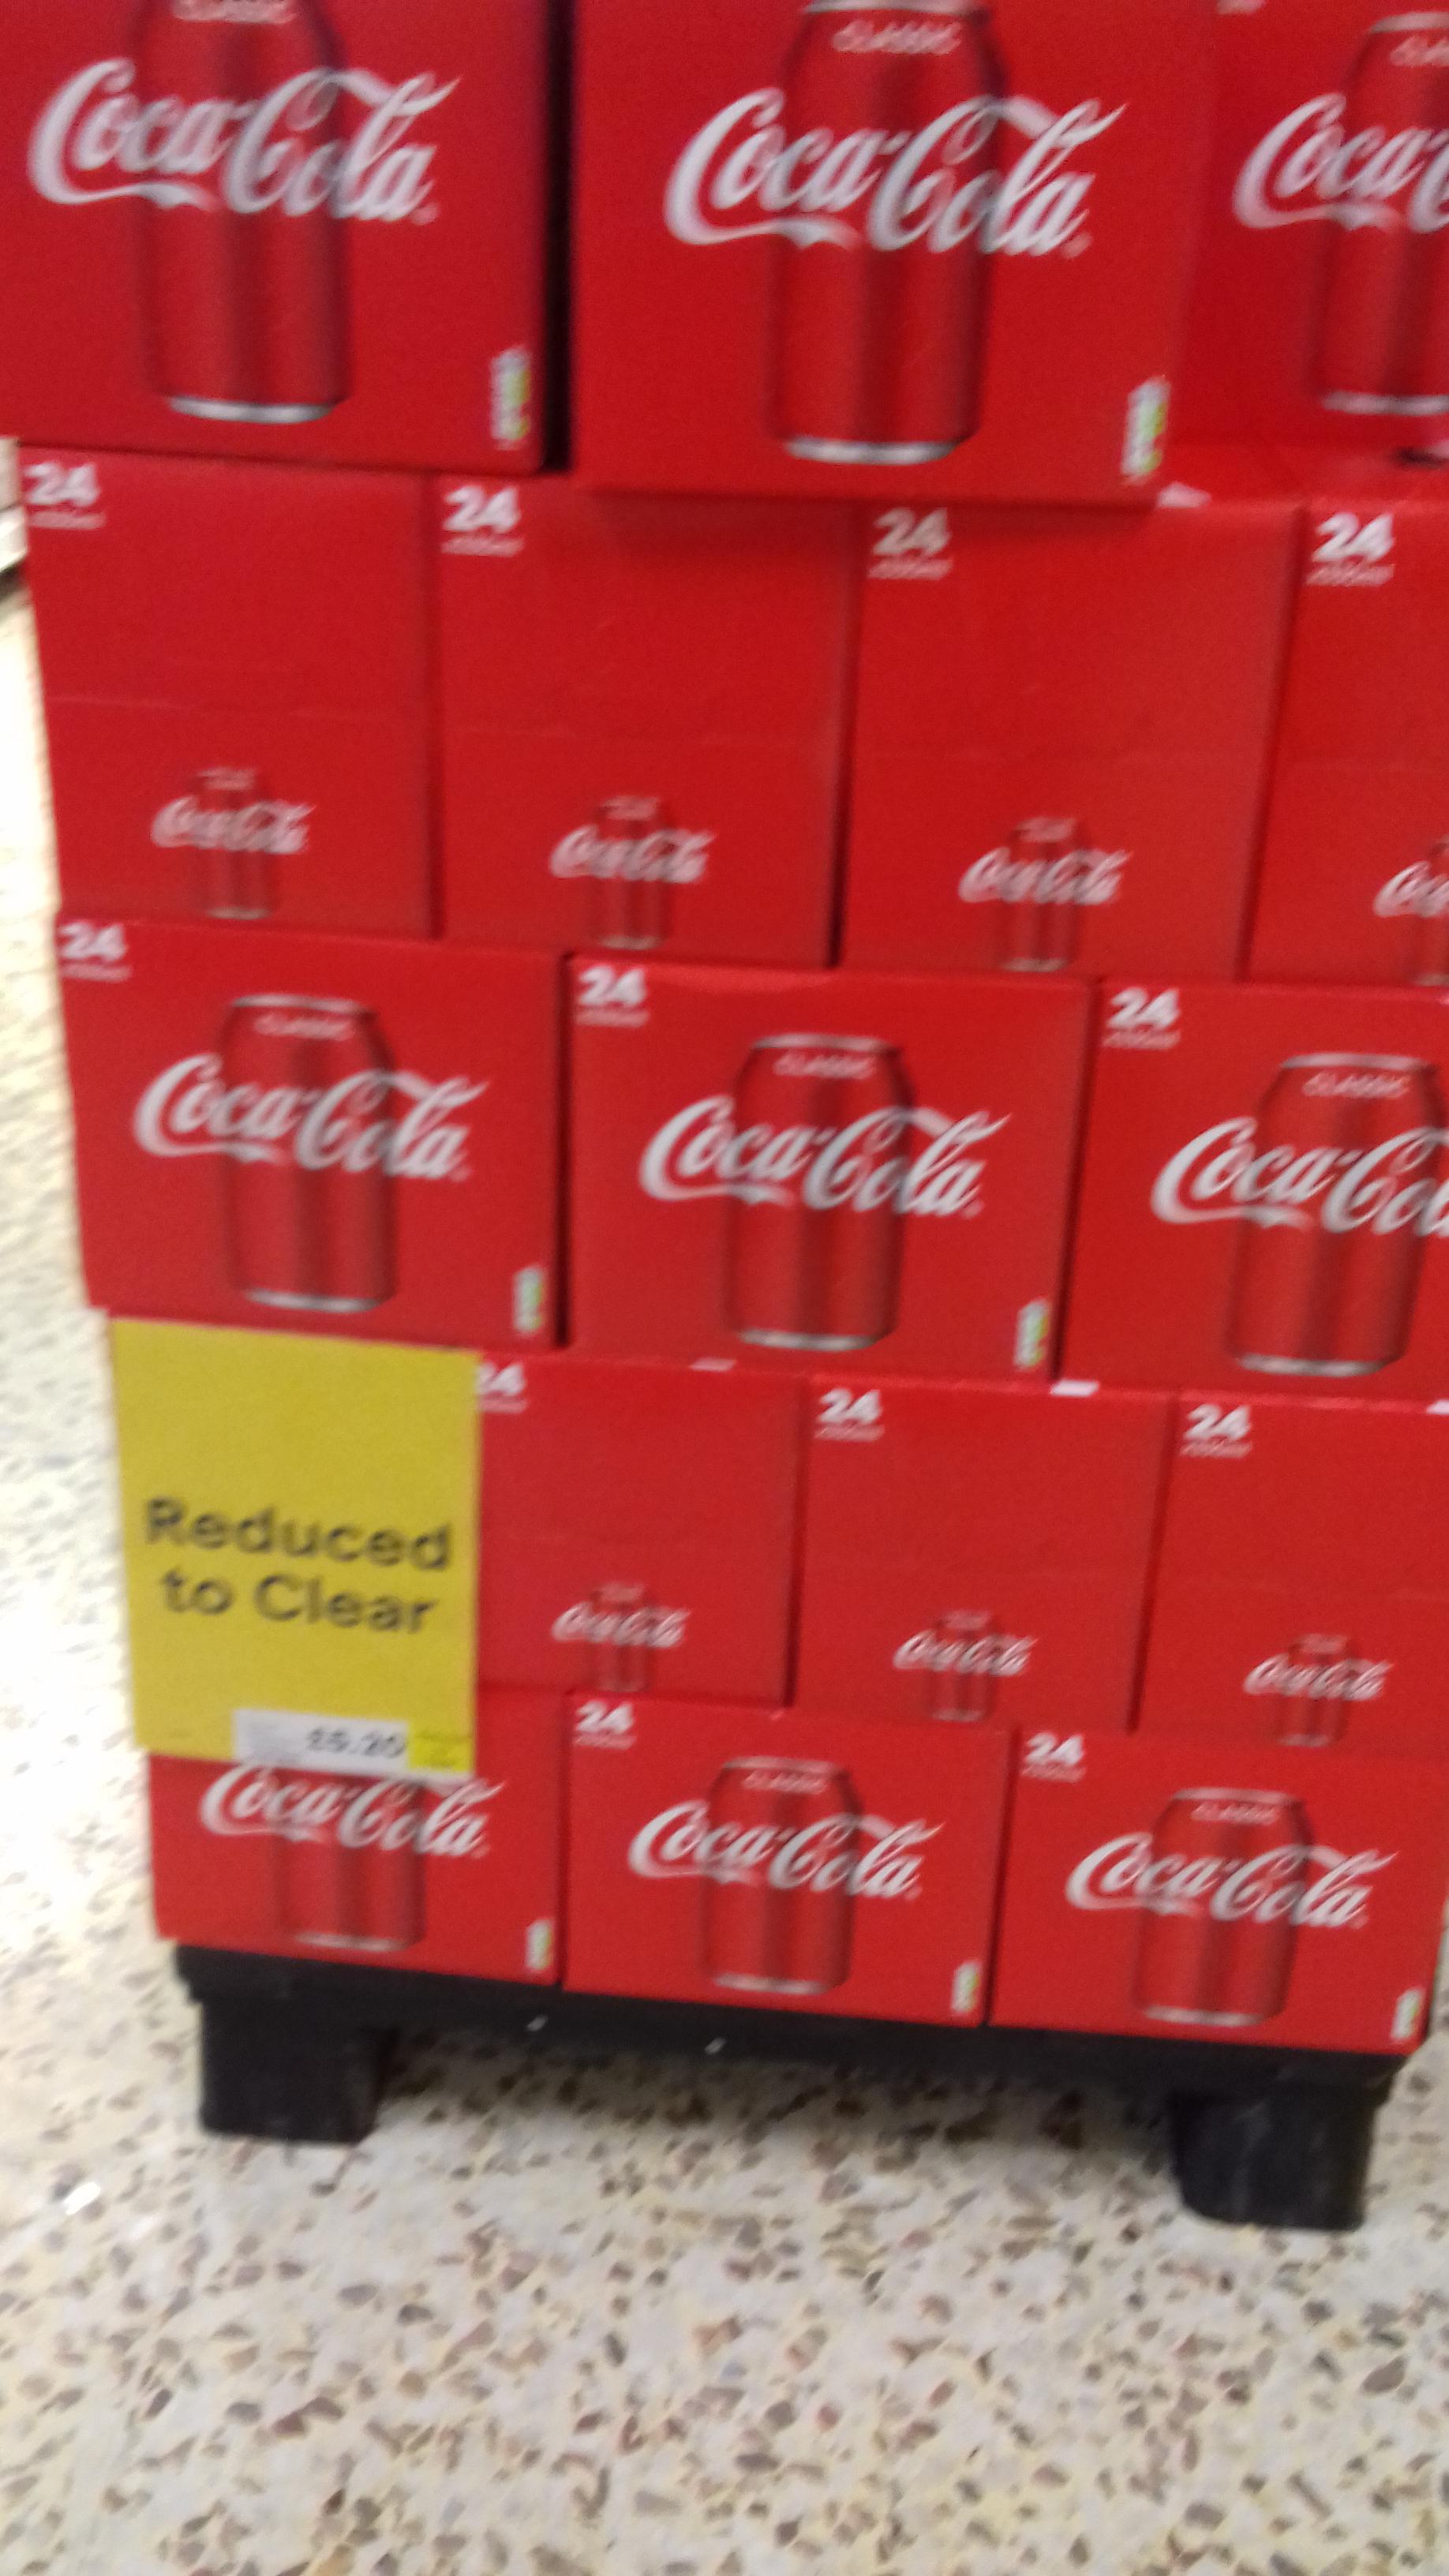 coke /diet coke 24 pack only £5.20 Tesco instore